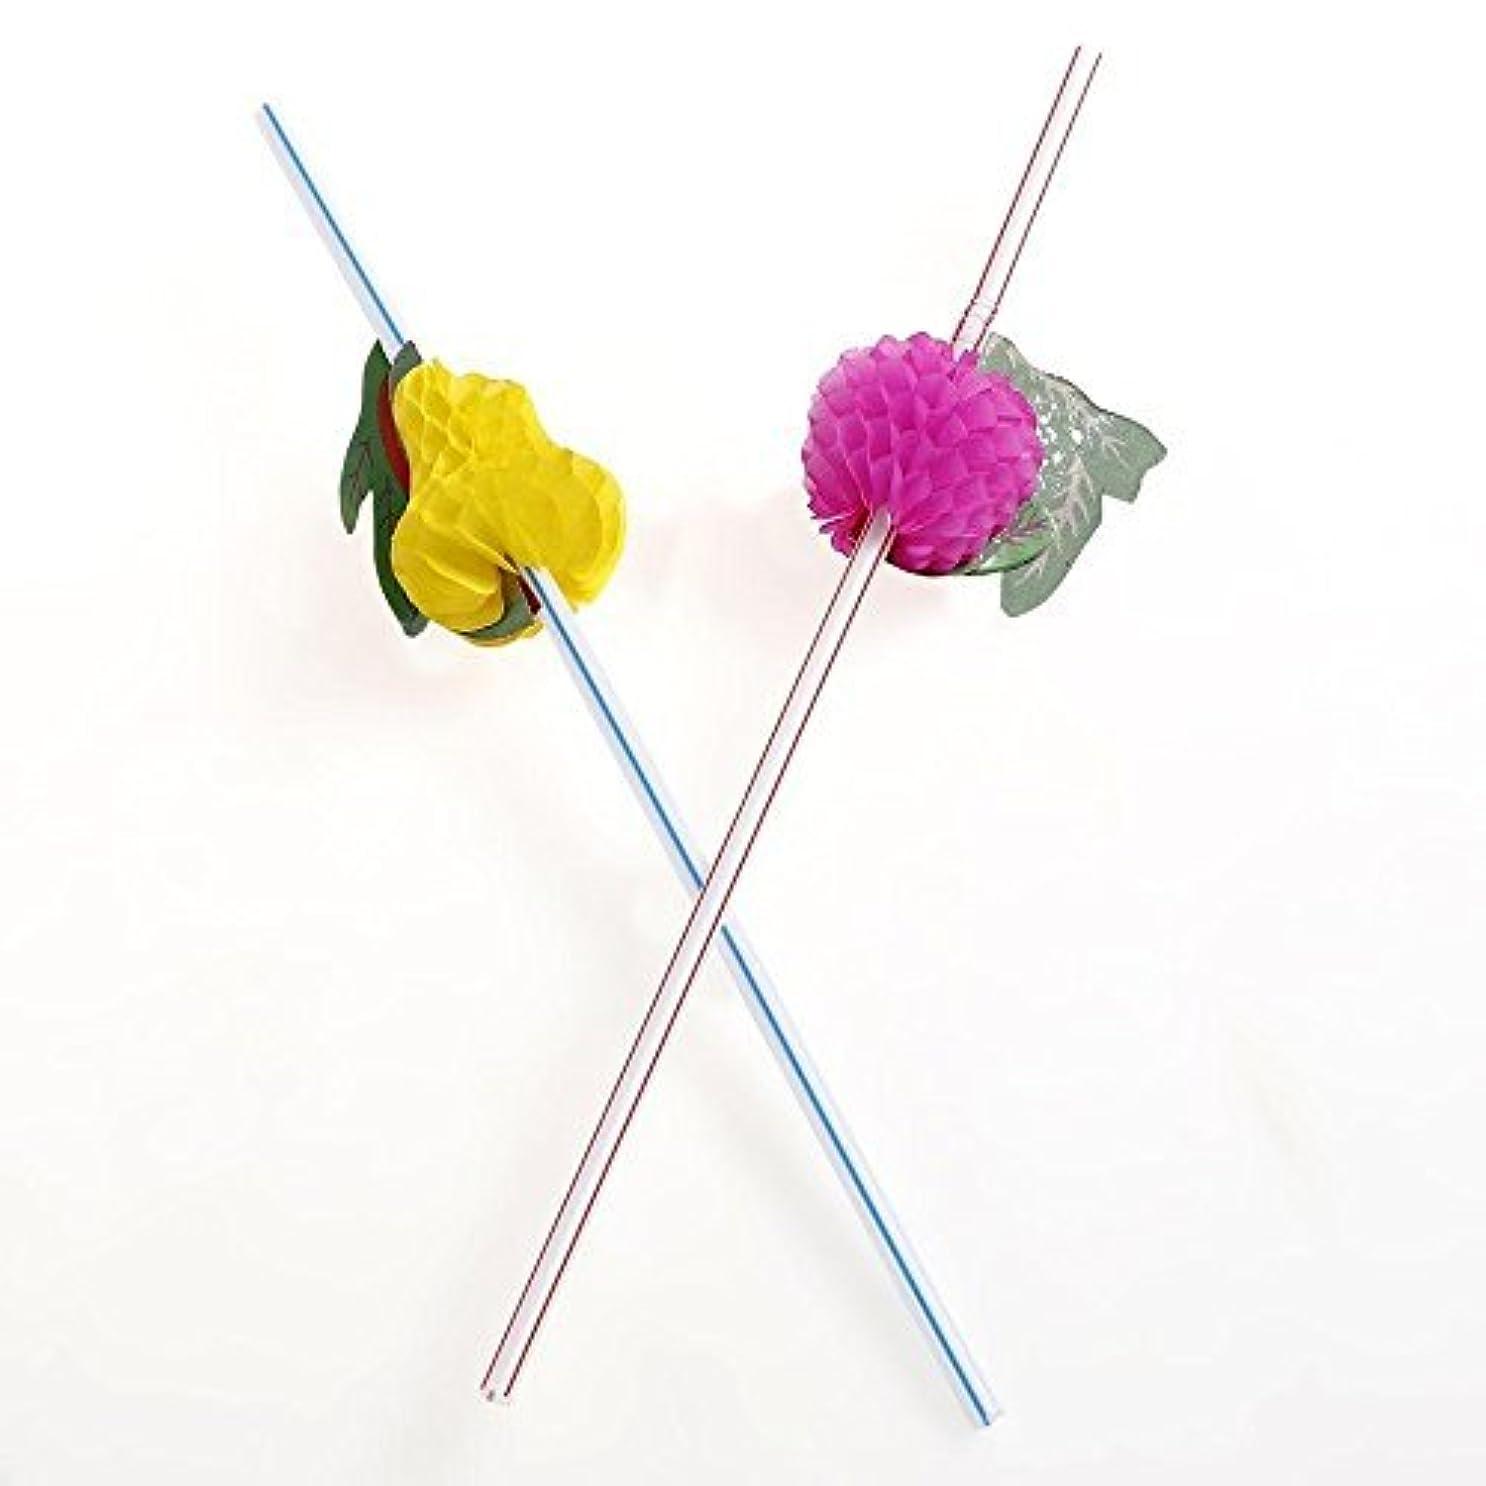 のり思い出す説明的誕生日パーティーのための多彩なフルーツストロー